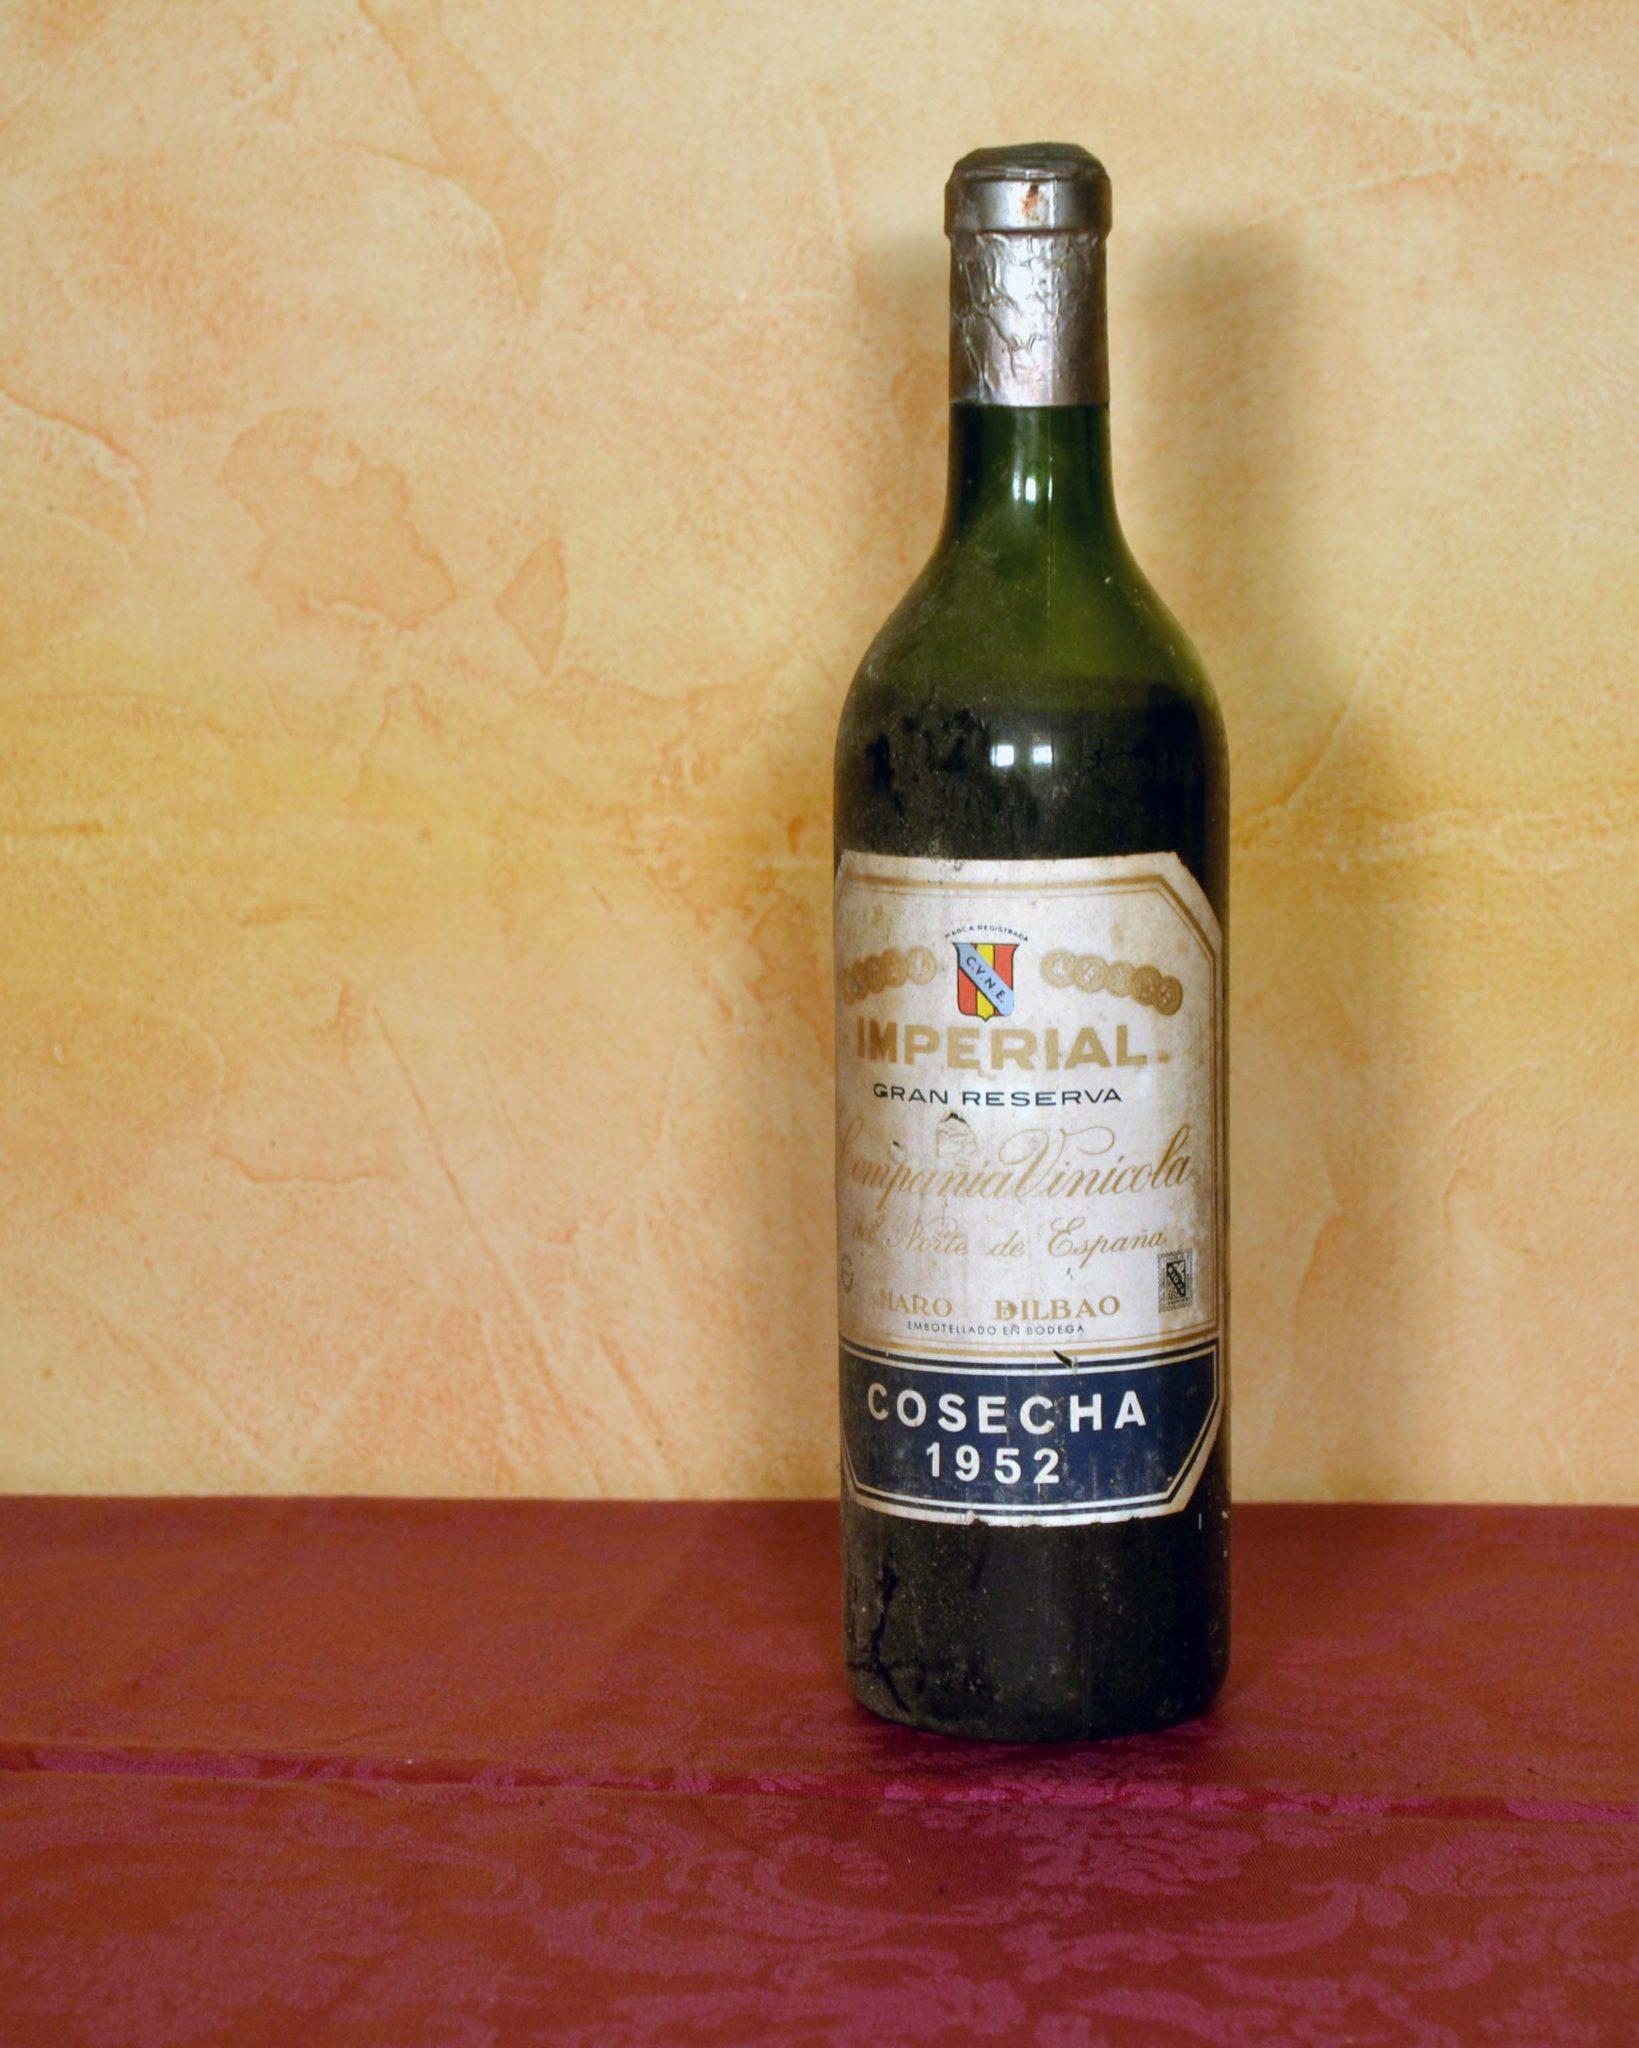 imperial tinto gran reserva 1952 Bodegas Cune Regalo jubilacion,Regalo umpleaños,Regalo Aniversario comprar en tuhistoria.es